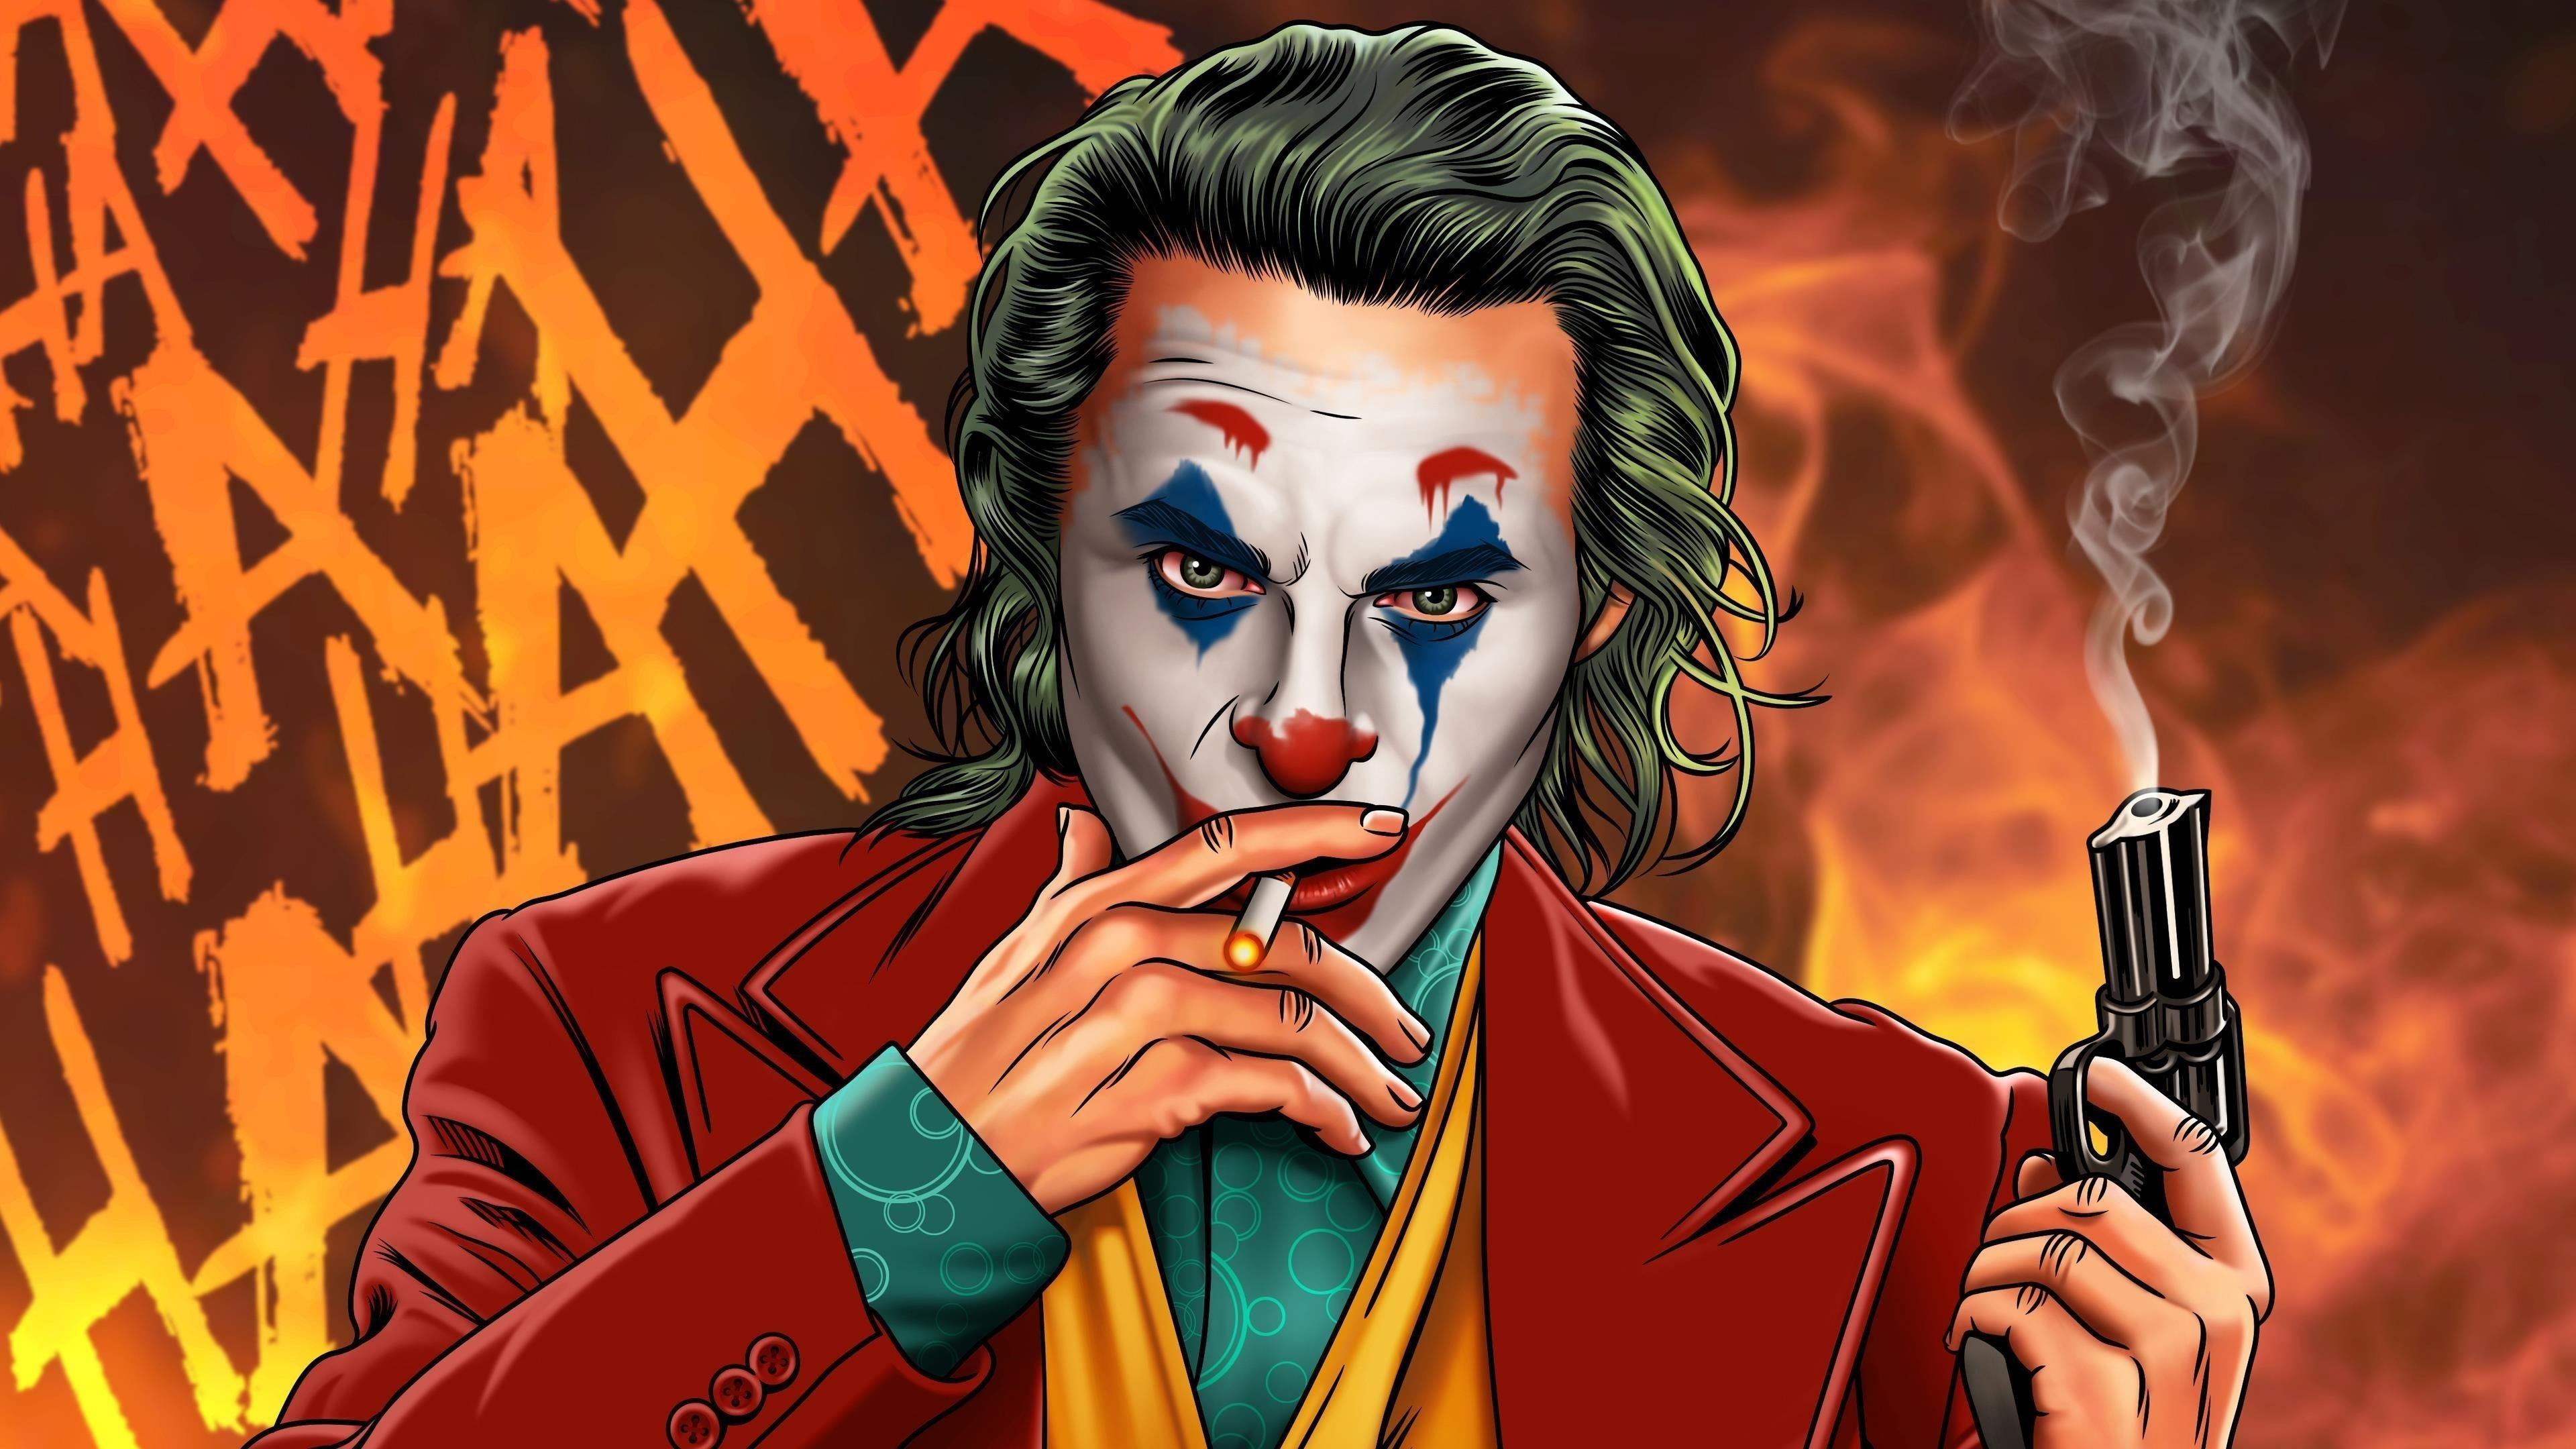 Джокер курильщик джентльмены супергерои обои скачать